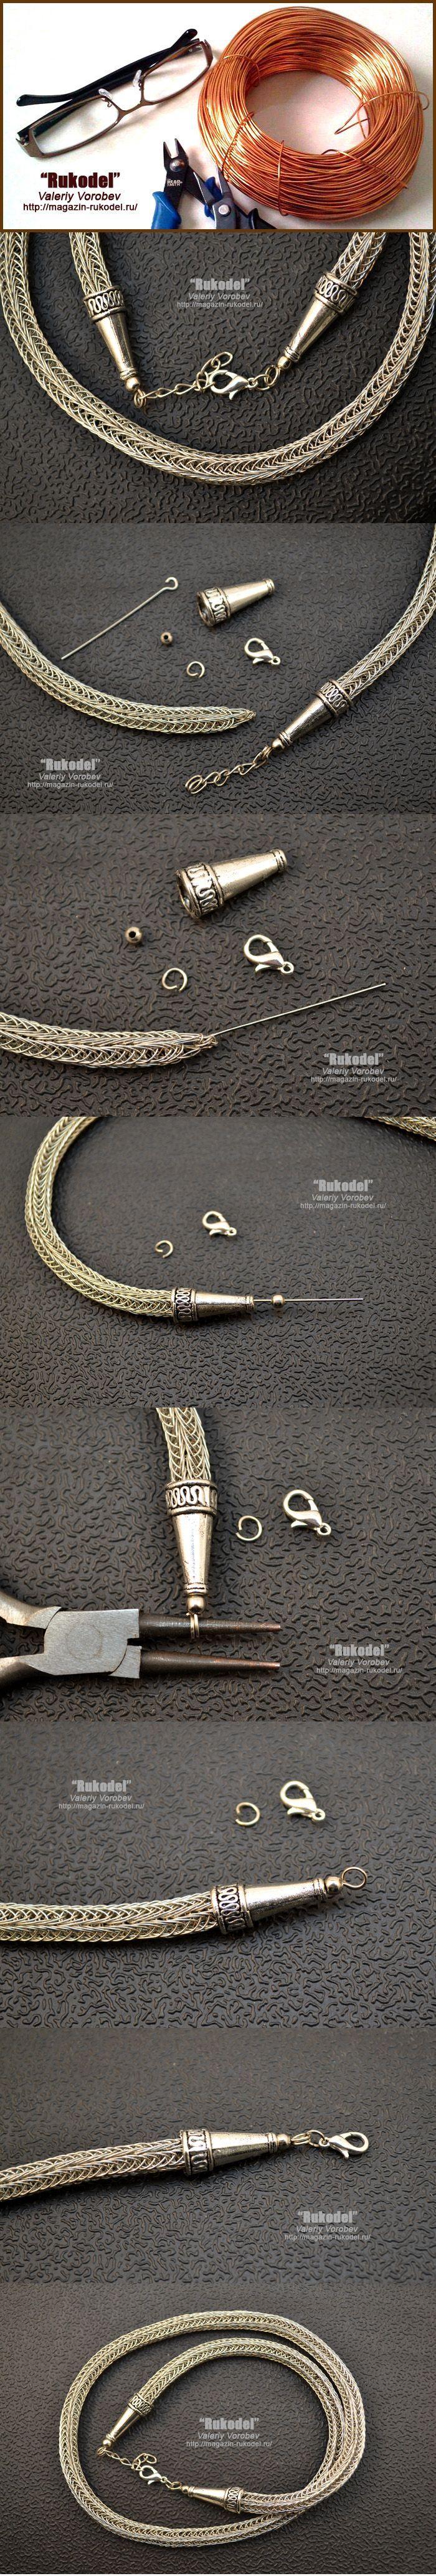 Viking Knit - Tip Crimp End